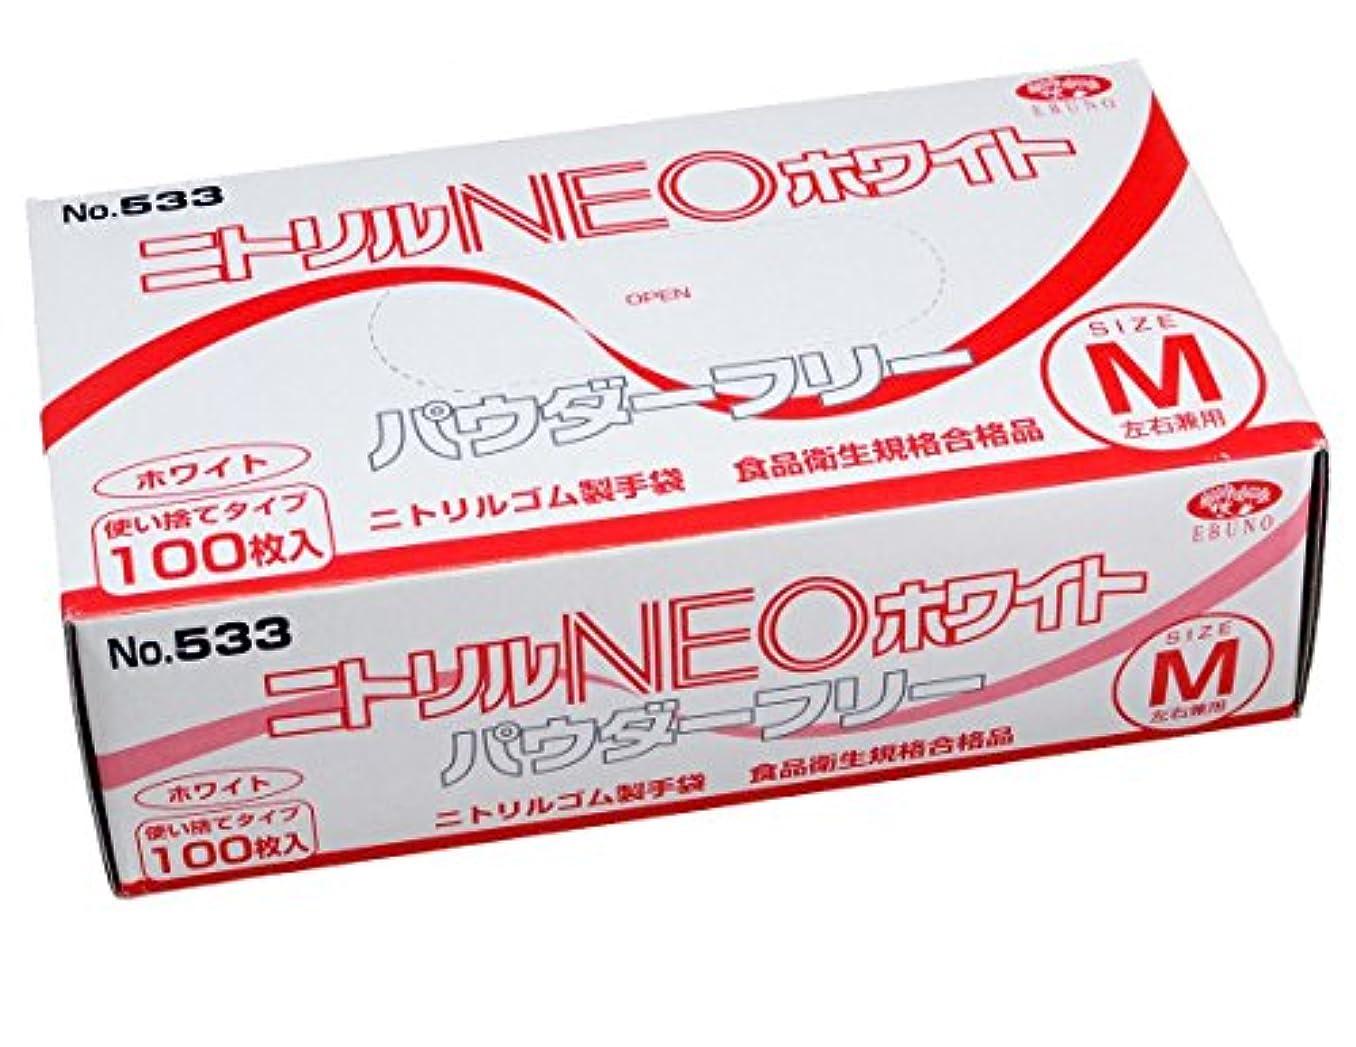 スクランブル節約安定使い捨て手袋 ニトリル NEO ホワイト パウダーフリー 手袋 M